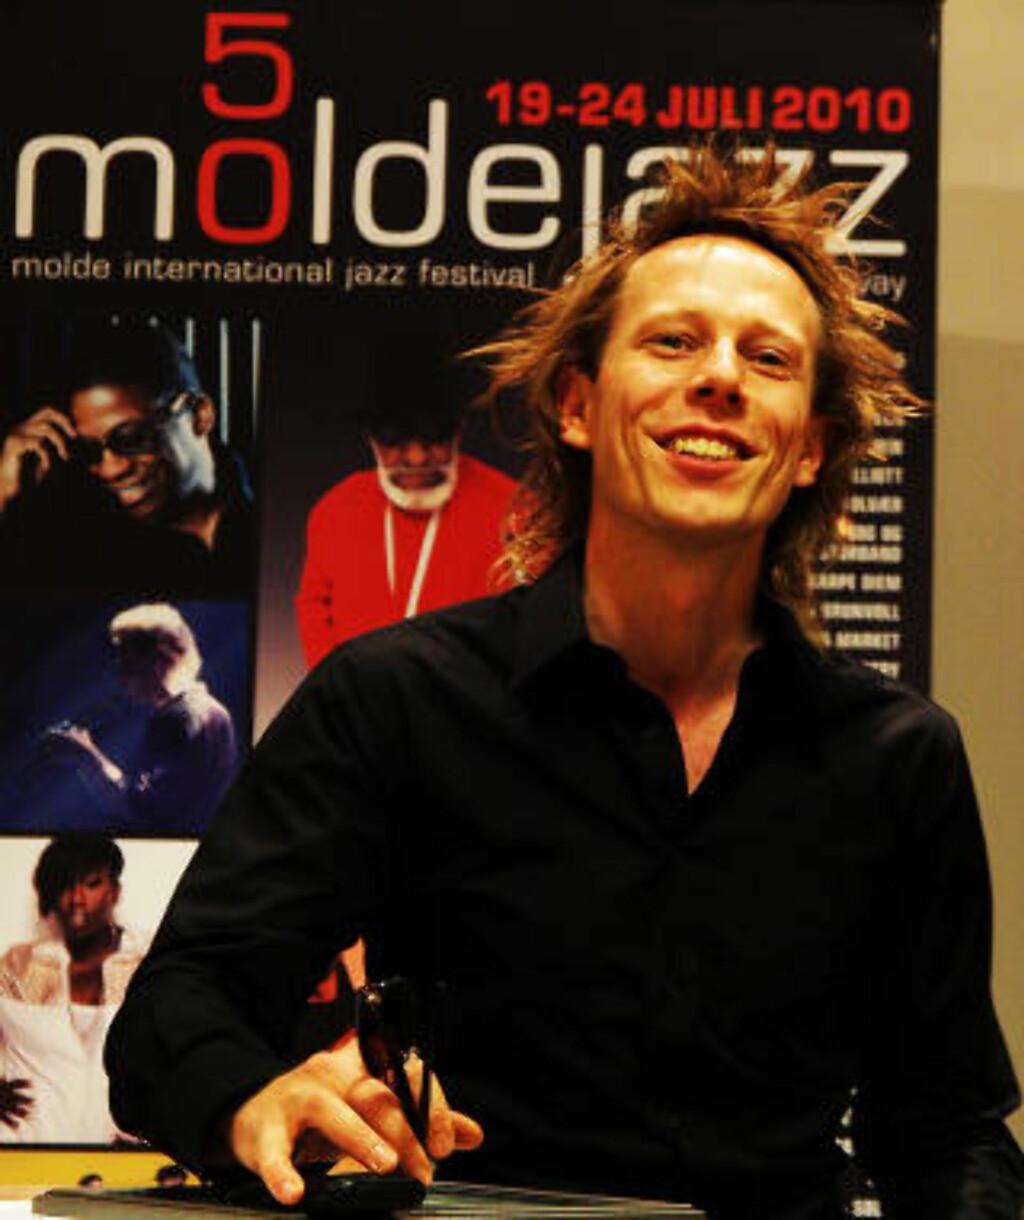 TILBAKE:  Stian Westerhus fikk pris under Moldejazz i fjor og kommer tilbake med nytt prosjekt i år. Foto: Terje Mosnes/Dagbladet